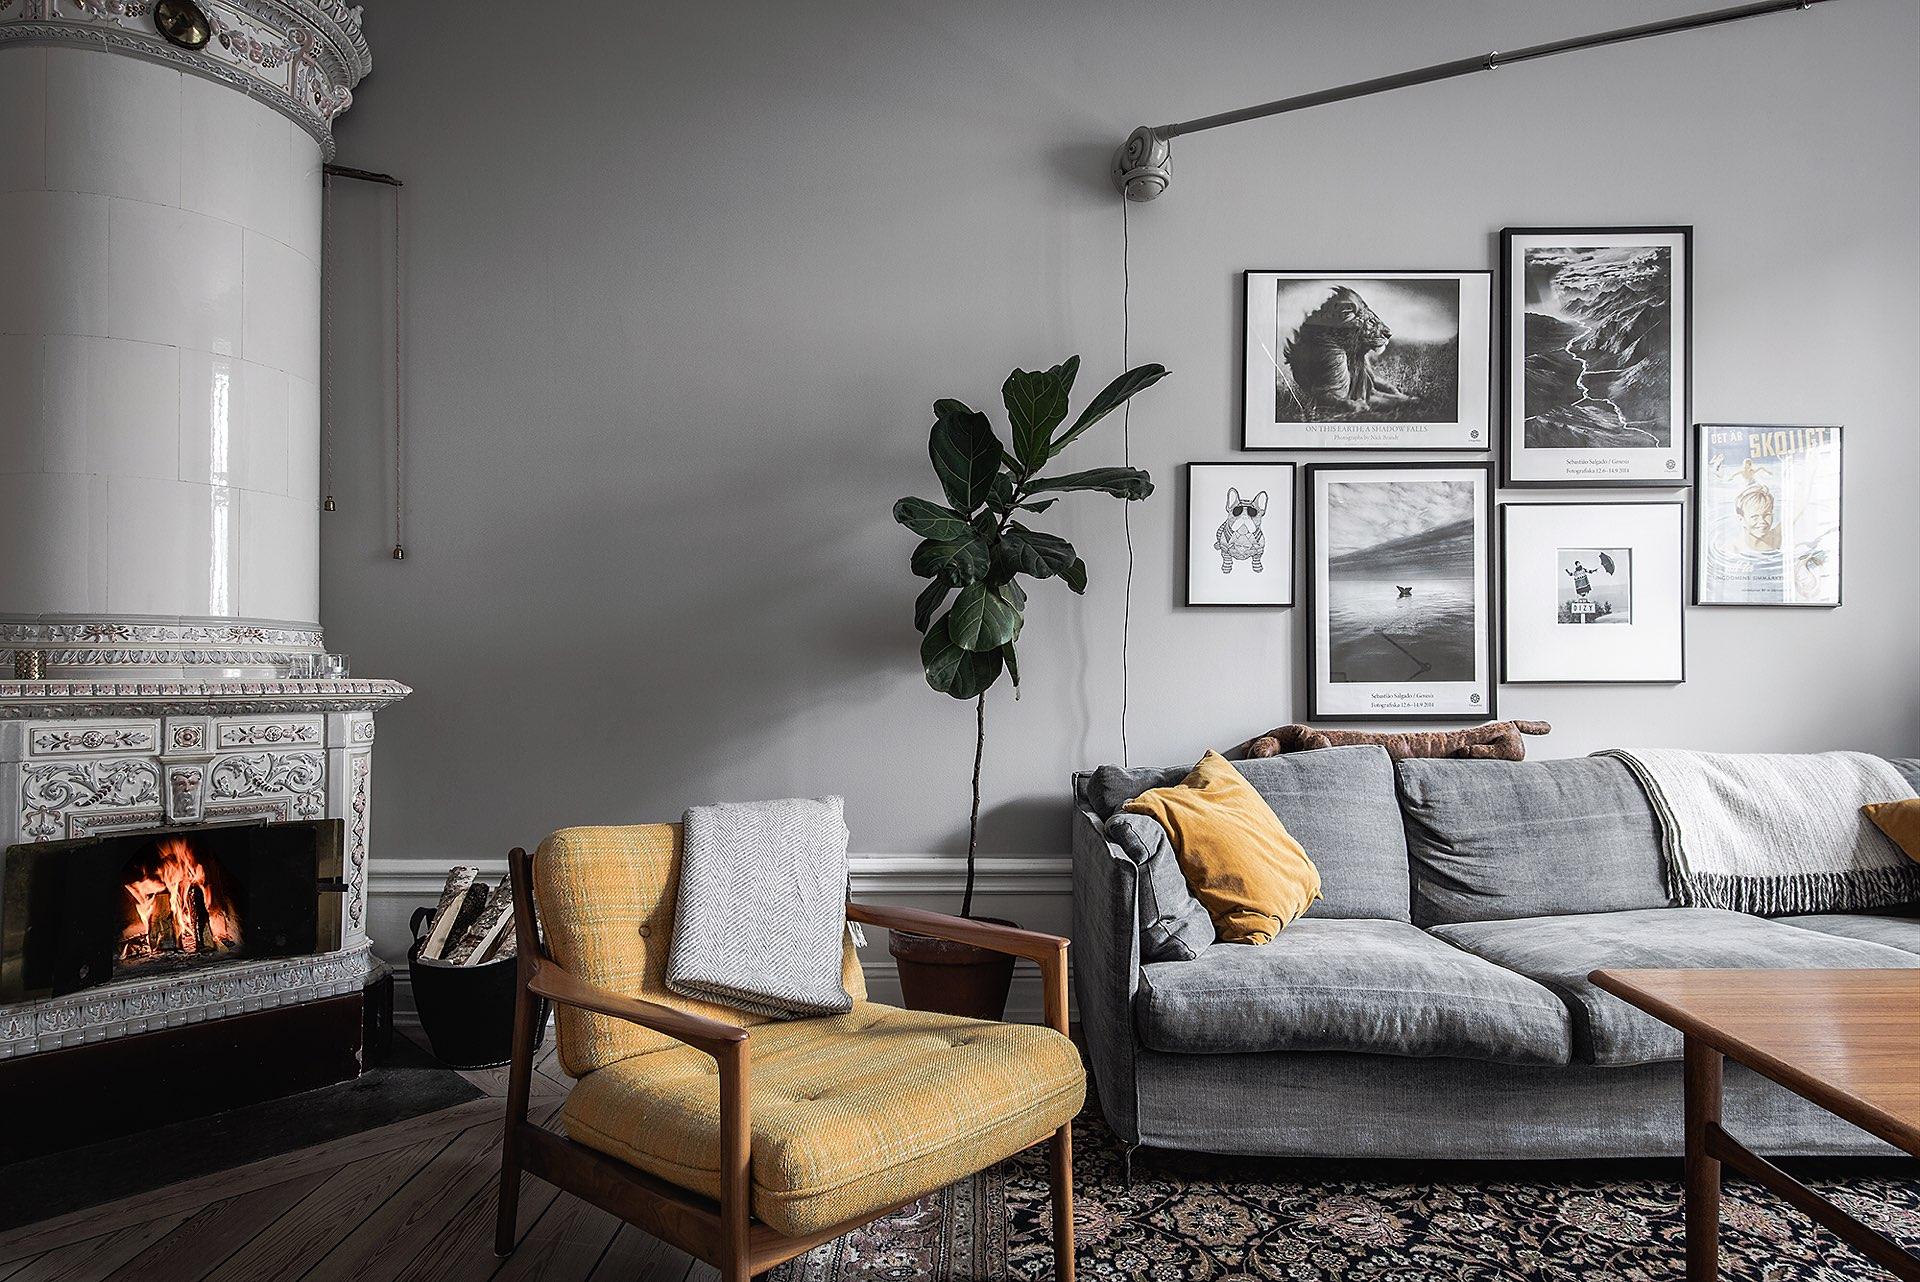 гостиная серые стены высокий белый плинтус картины серый диван желтое кресло израсцовая печь дрова